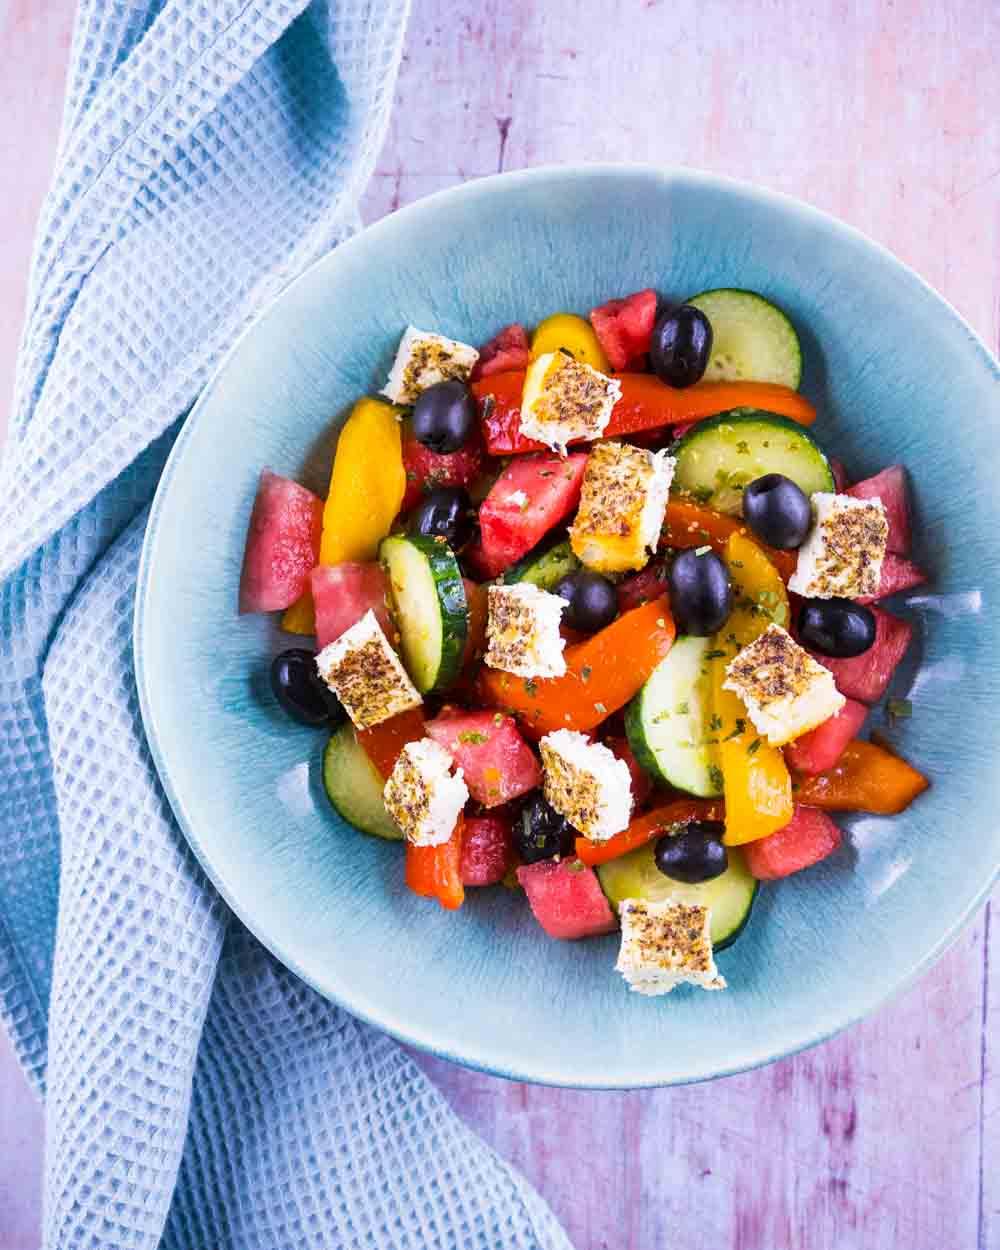 Salade rafraichissante à la pastèque et feta rôtie, vinaigrette à l'estragon - la cerise sur le maillot